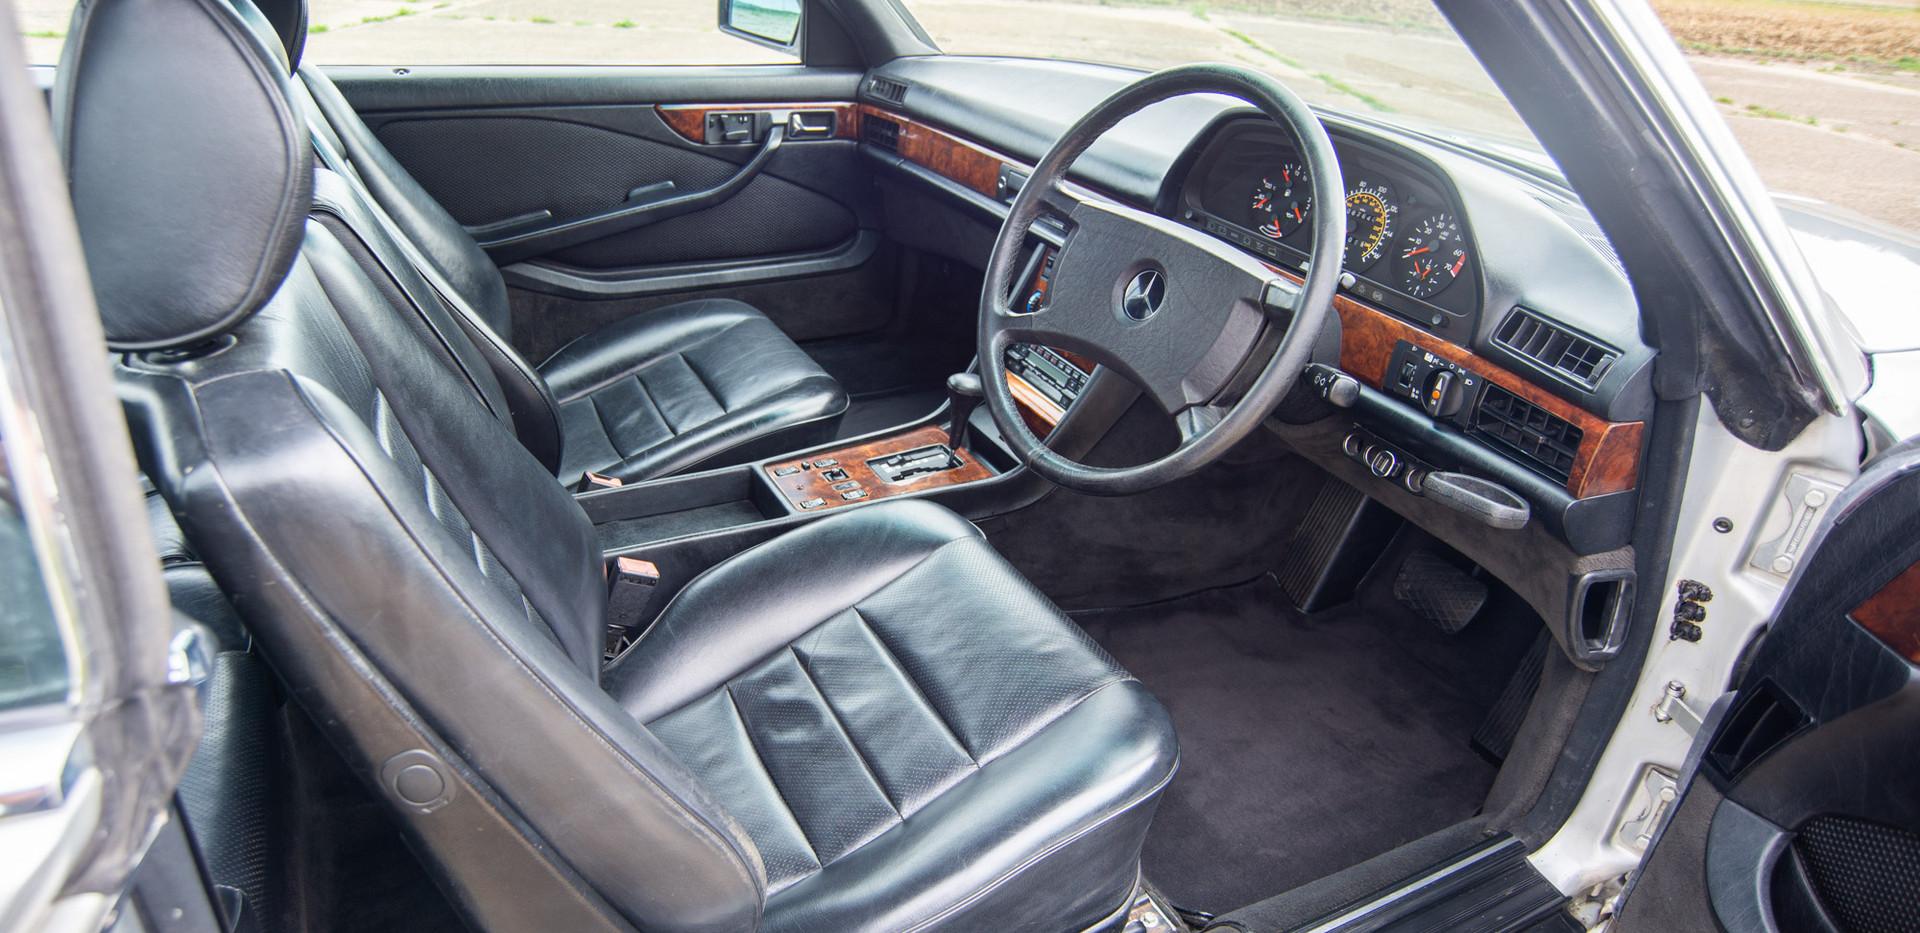 W126 420SEC - Uk for sale london-32.jpg